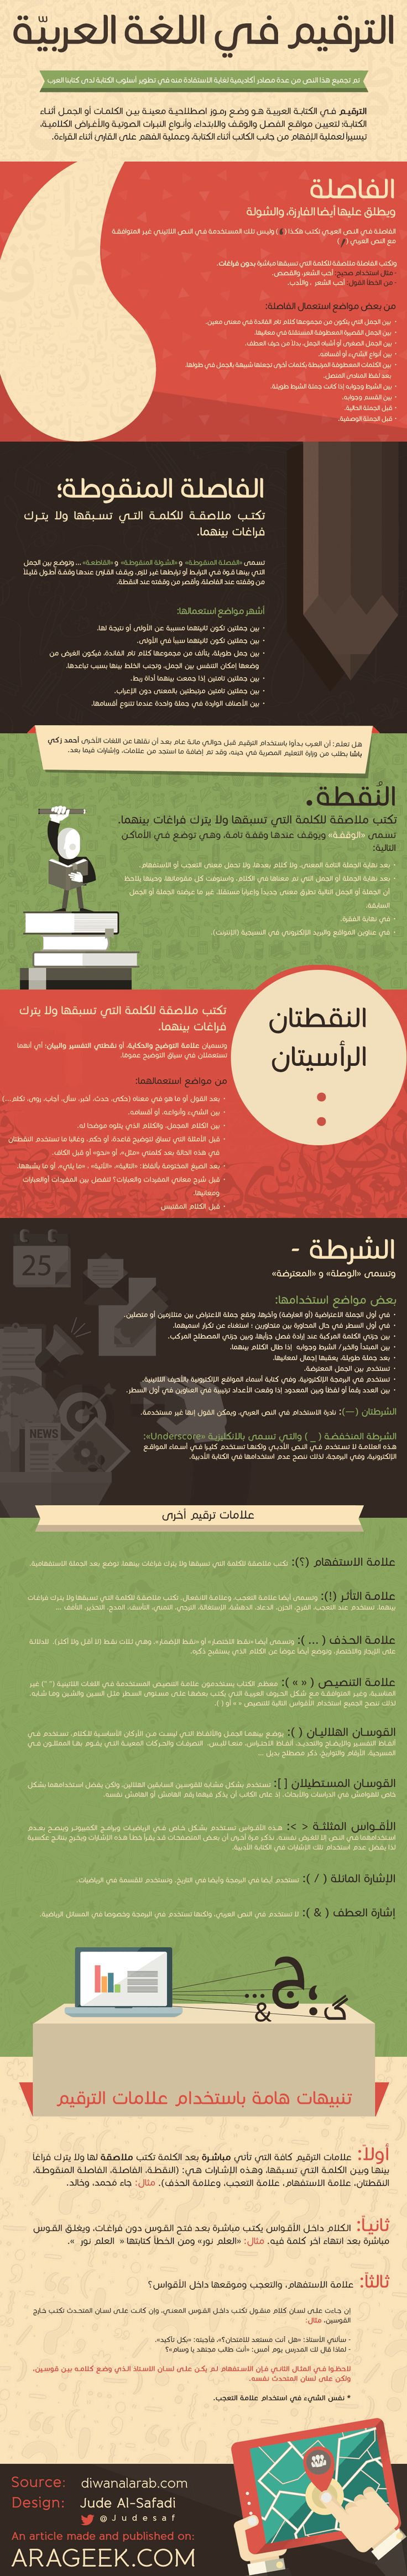 علامات الترقيم في اللغة العربية   انفوجرافيك